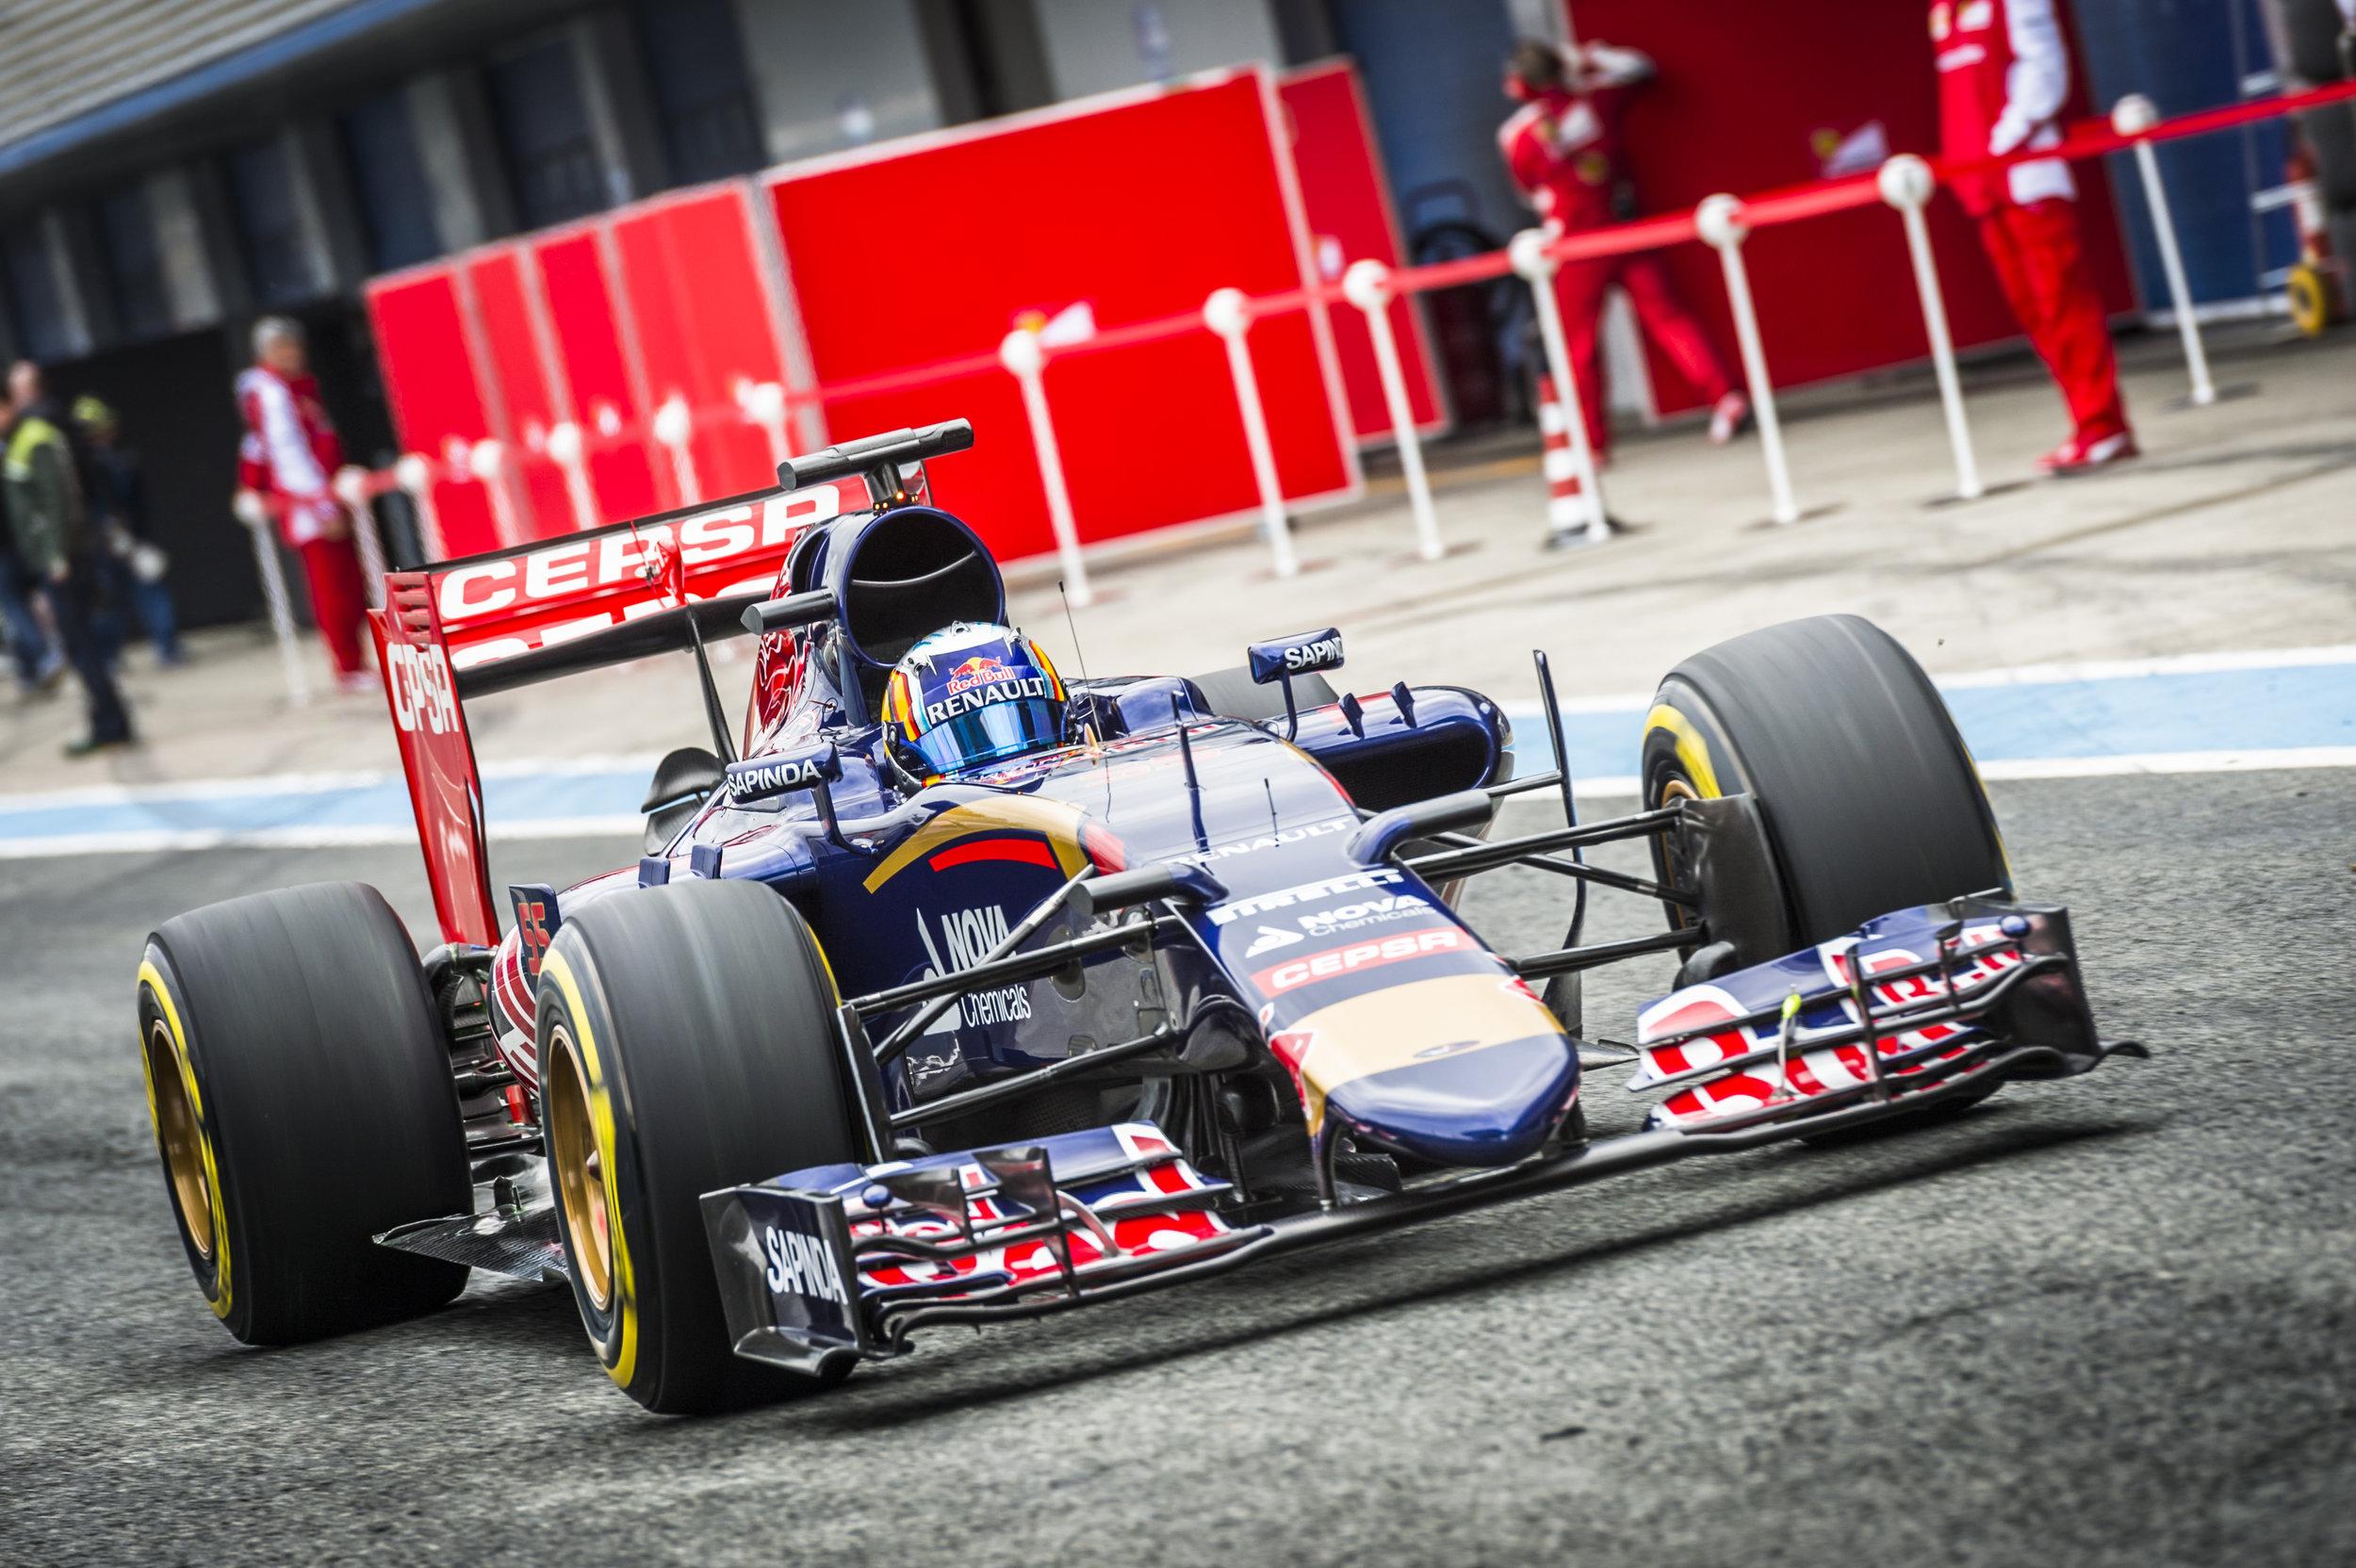 Carlos Sainz Jerez 2015 (1006 of 7).jpg